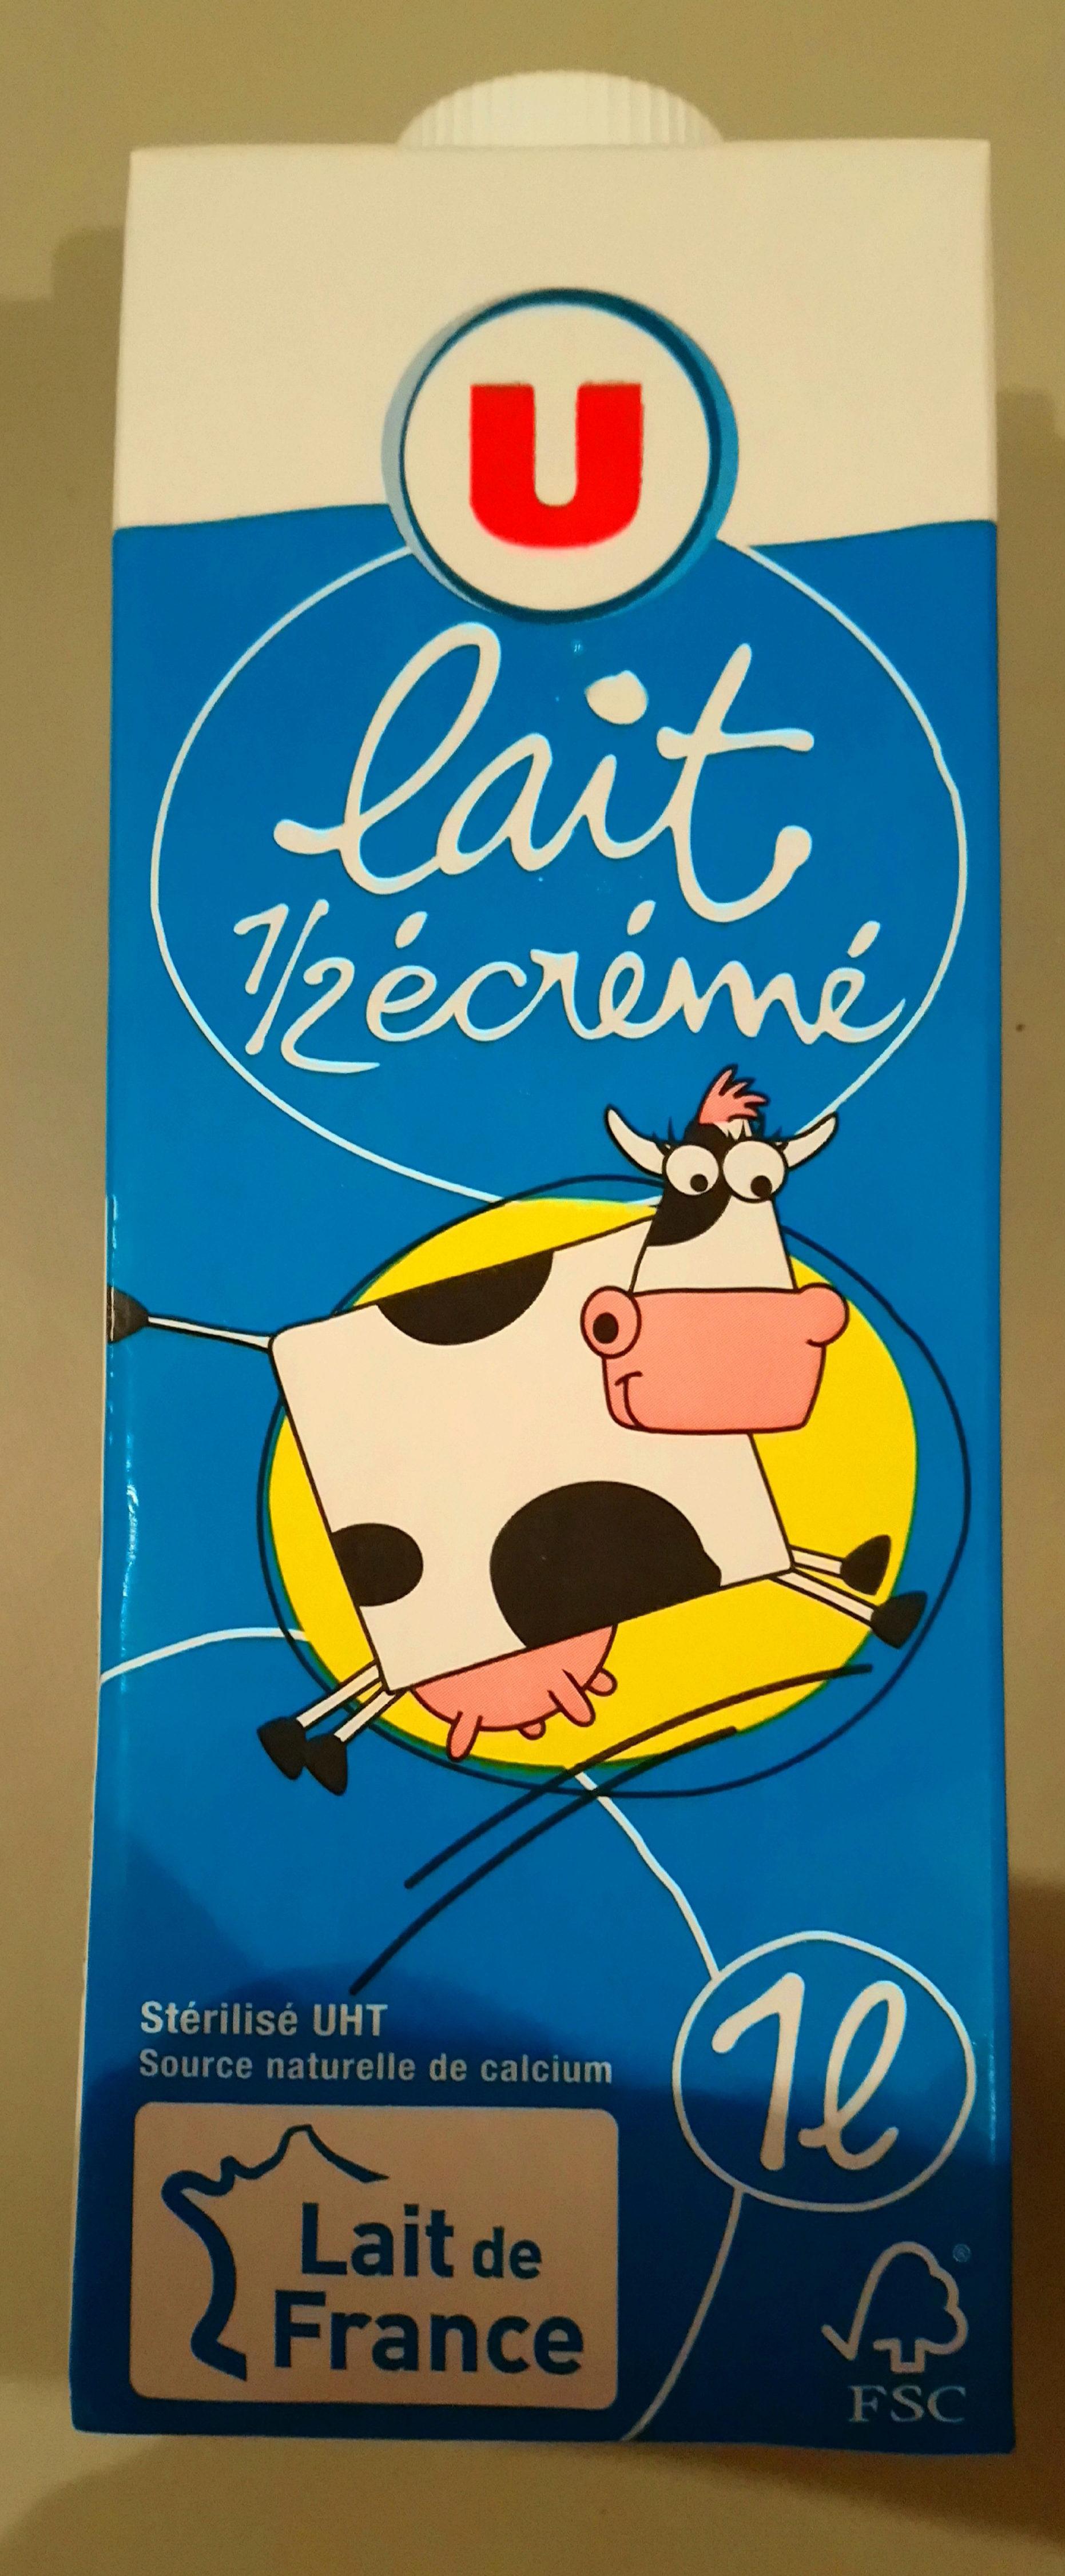 Lait 1/2 écrémé - Produit - fr